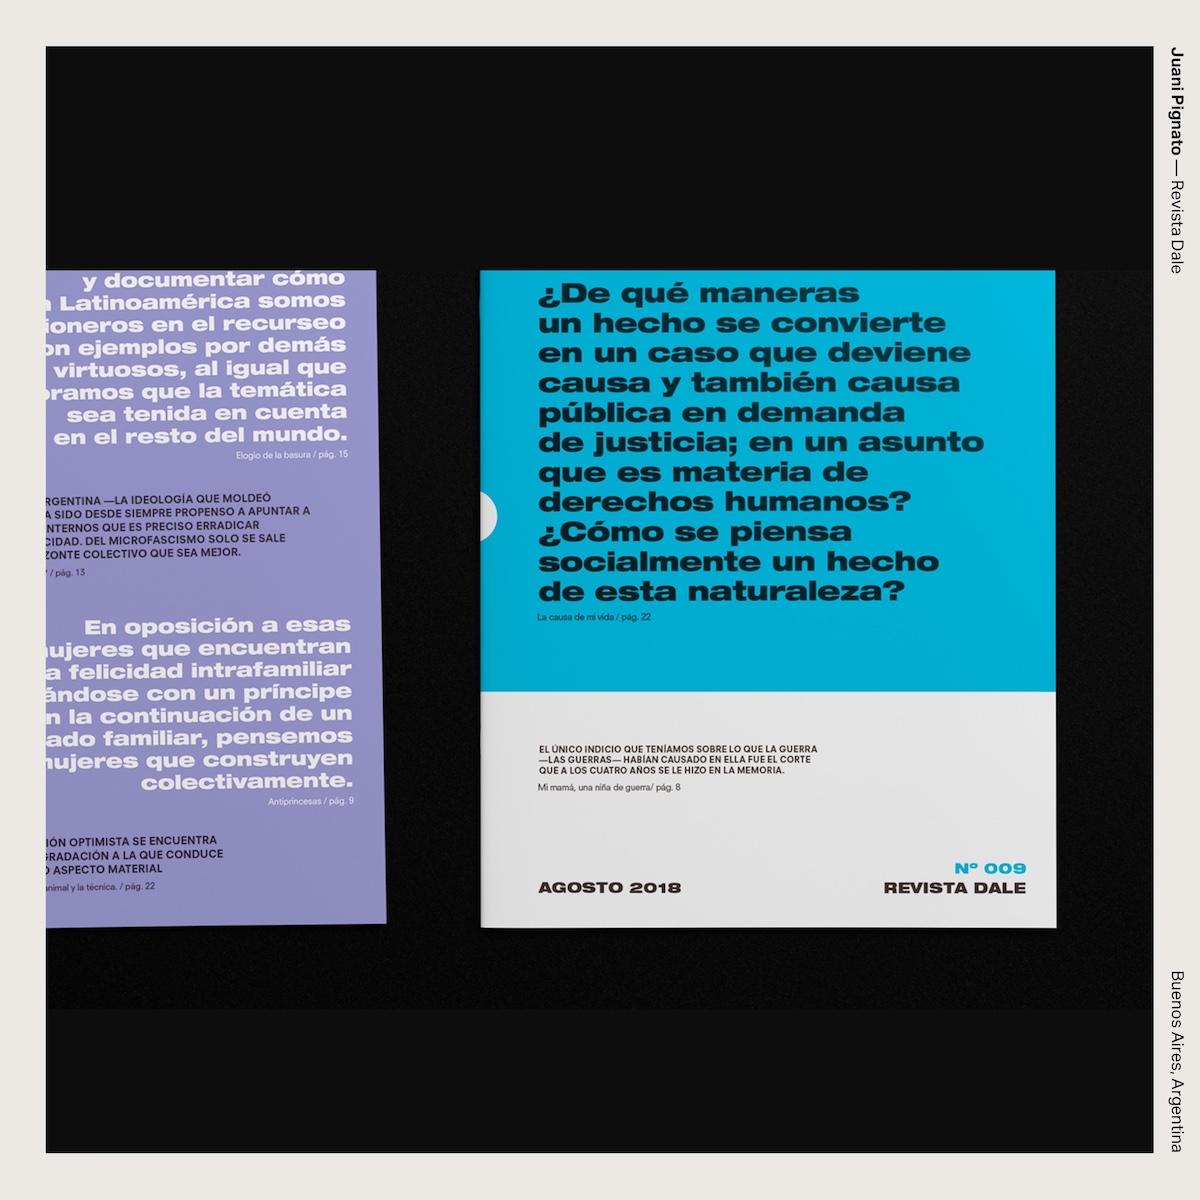 Juani Pignato — Revista Dale